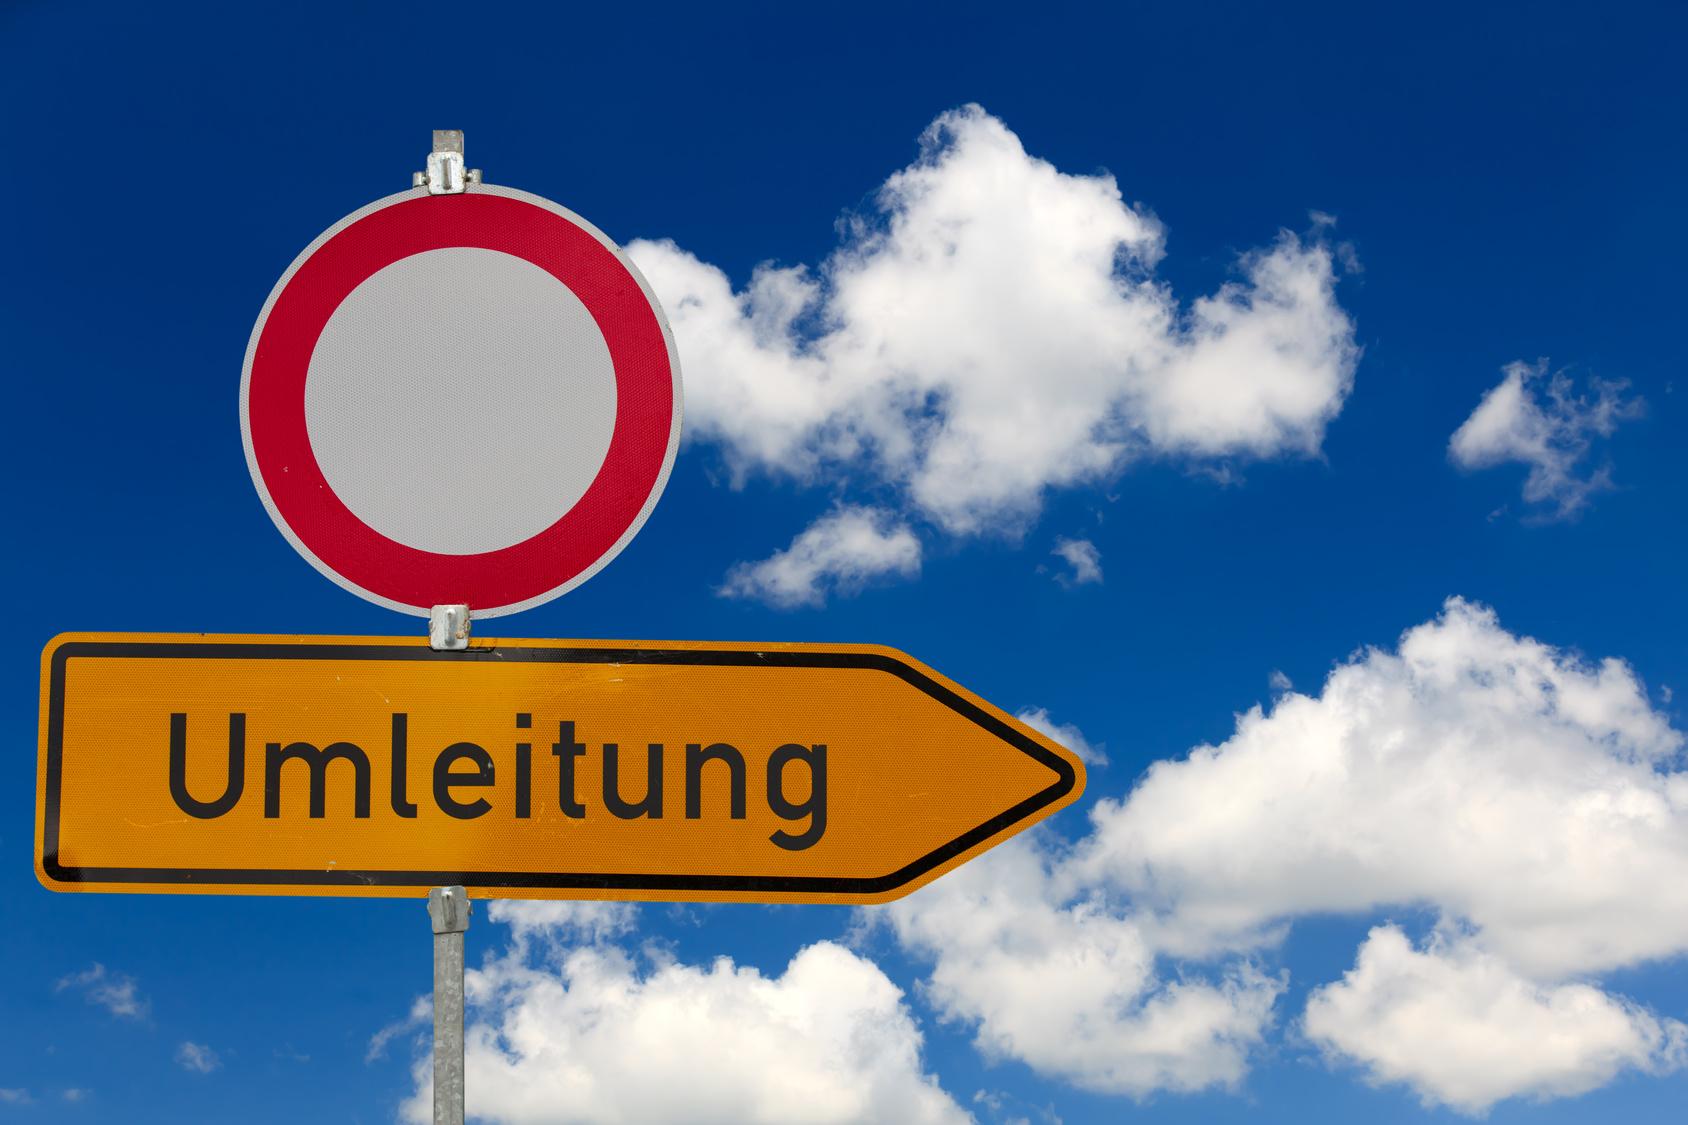 Flexibilität - Stoppschild und Umleitung, ©UbjsP - stock.adobe.com